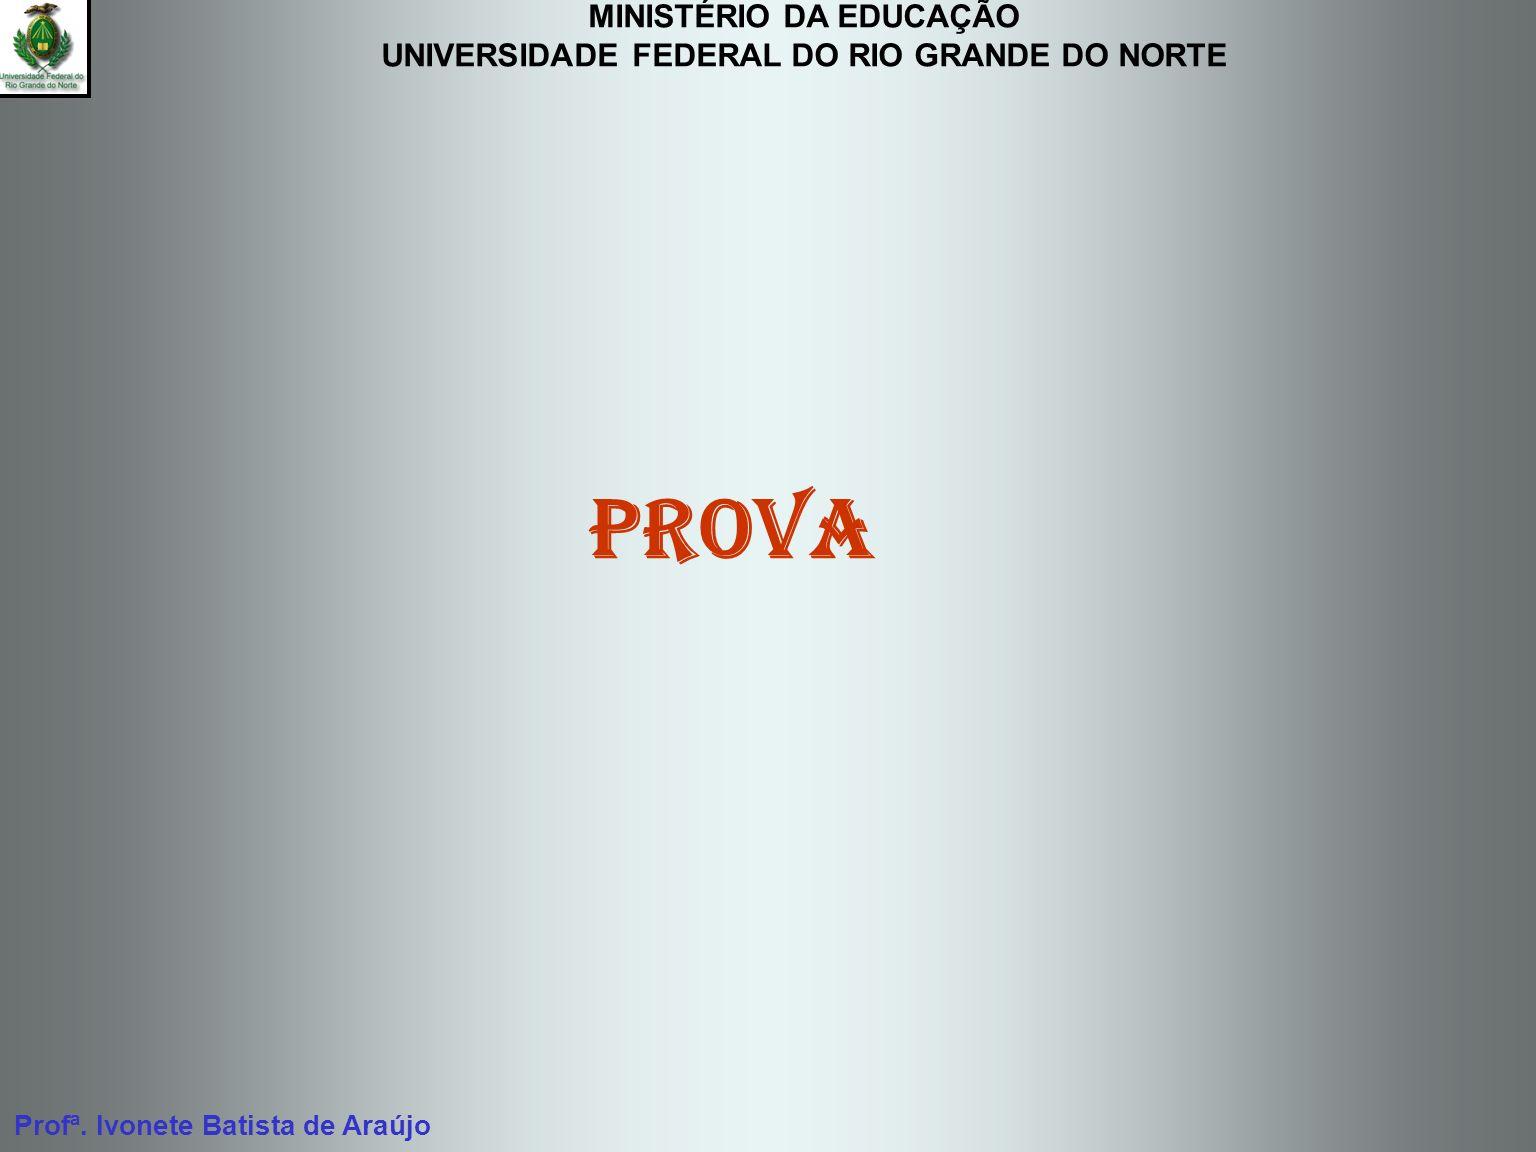 MINISTÉRIO DA EDUCAÇÃO UNIVERSIDADE FEDERAL DO RIO GRANDE DO NORTE Profª. Ivonete Batista de Araújo Prova